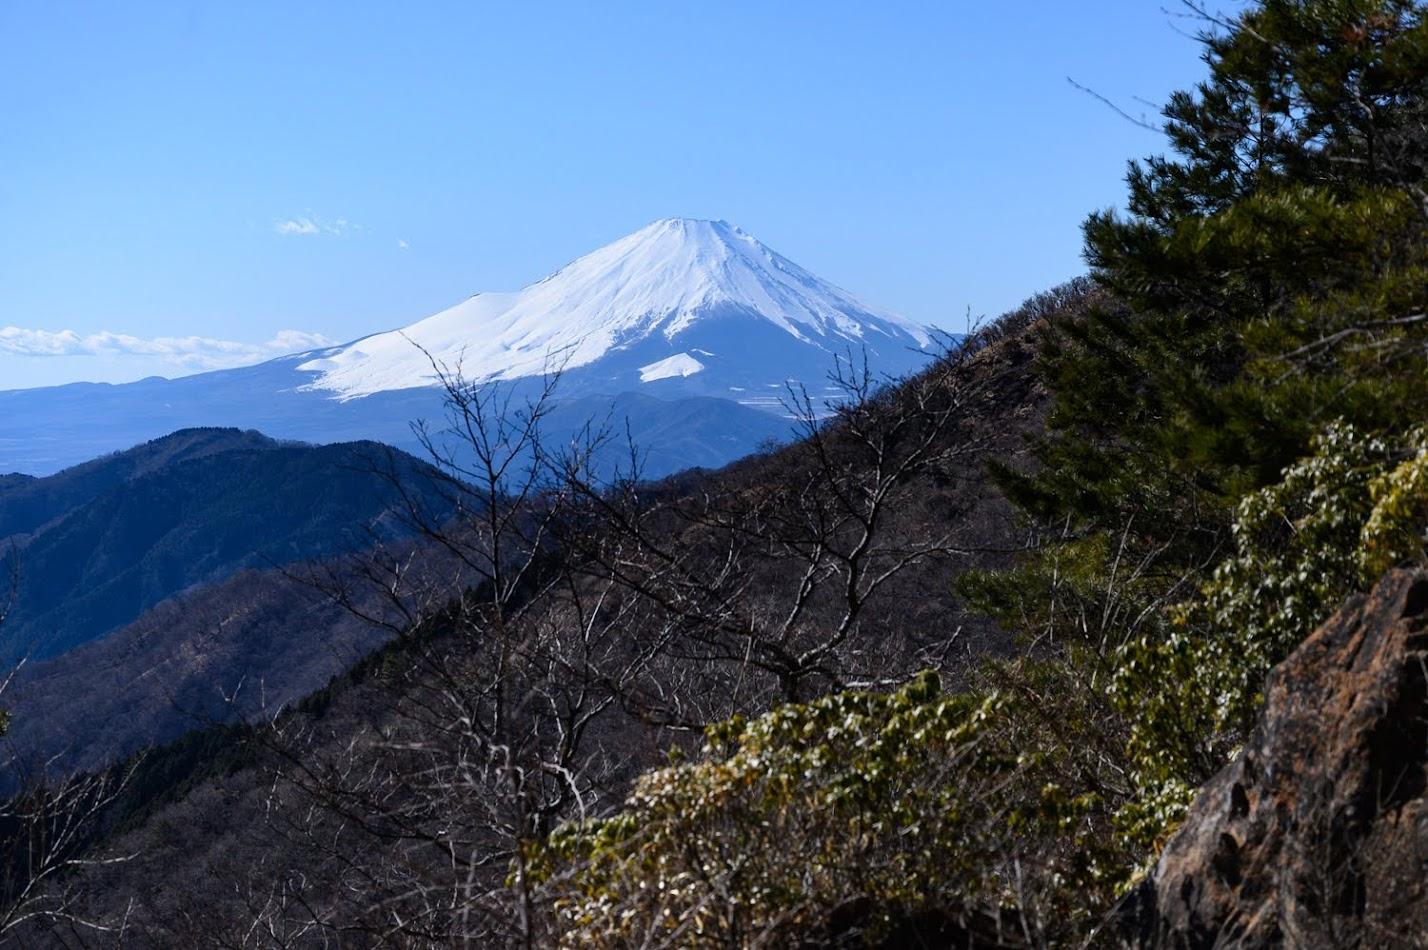 塔ノ岳 登山 ~澄み渡る冬の空の元、富士山と相模湾を見渡すゆるふわ登山へ~